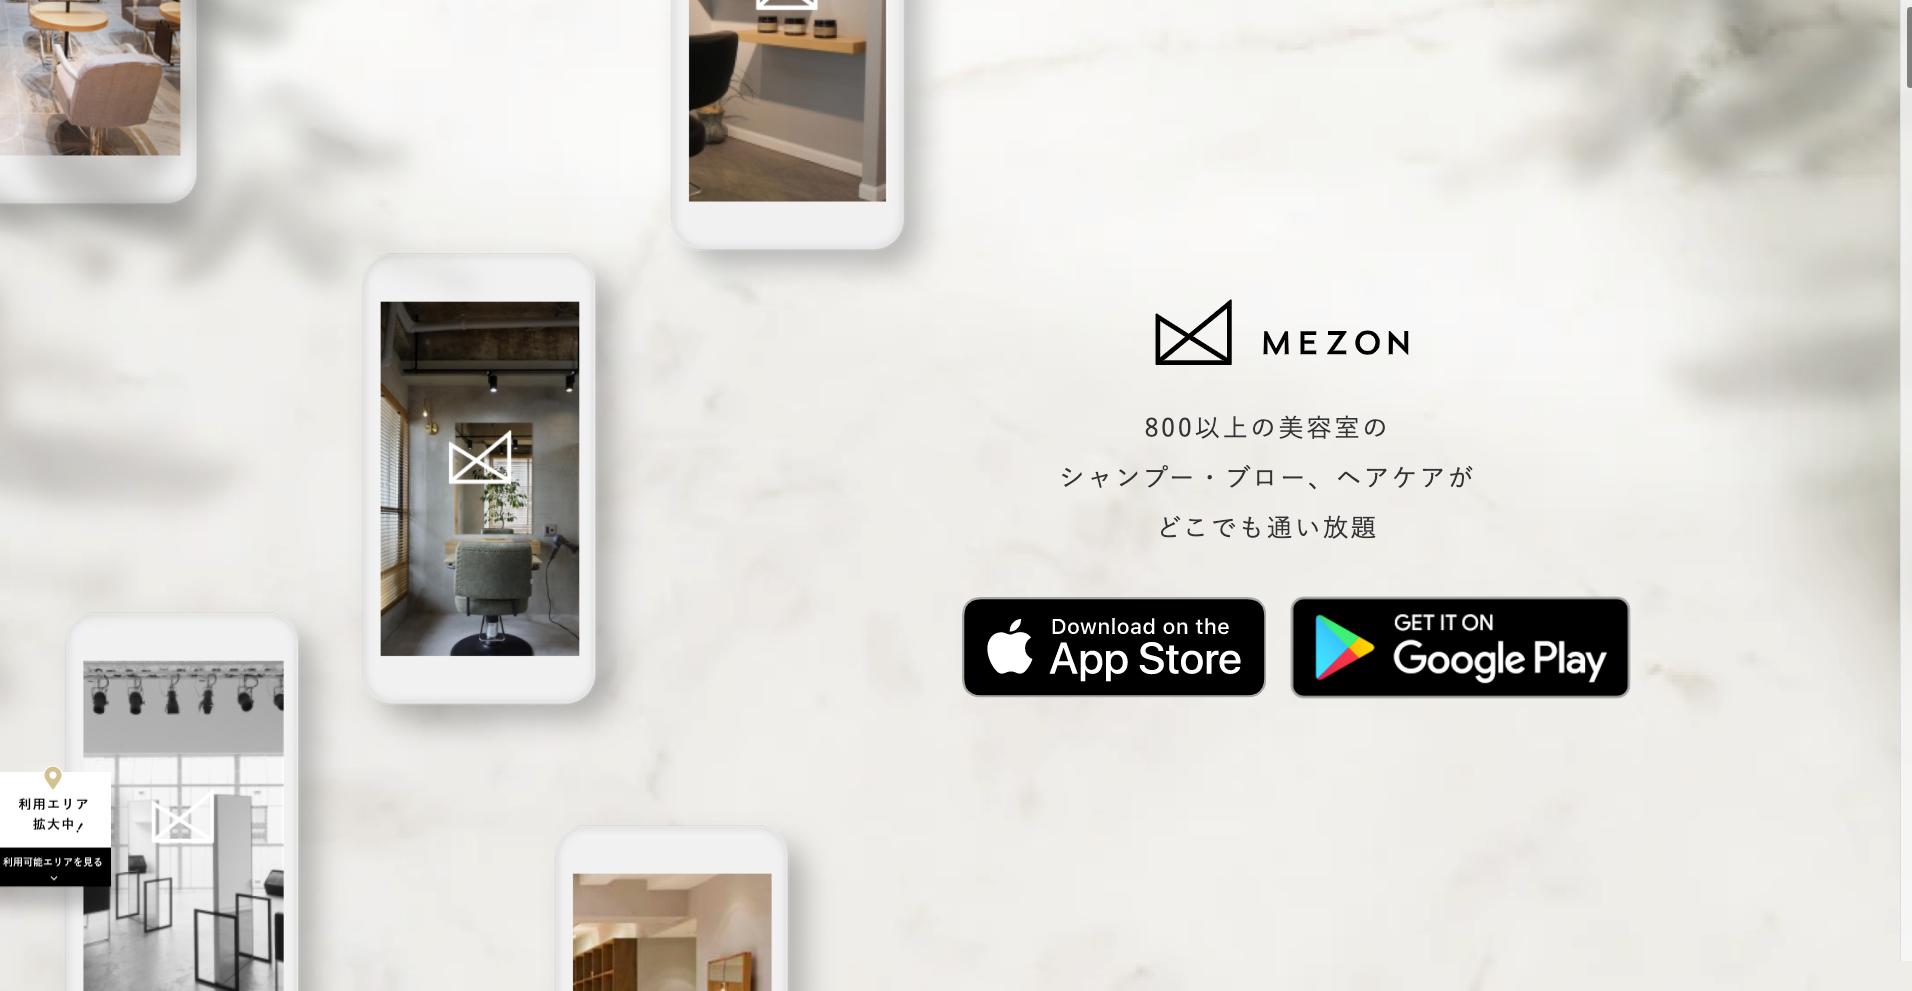 【社長面談】美容どこでも通い放題サブスクアプリ『MEZON』のカスタマーサクセス担当者募集